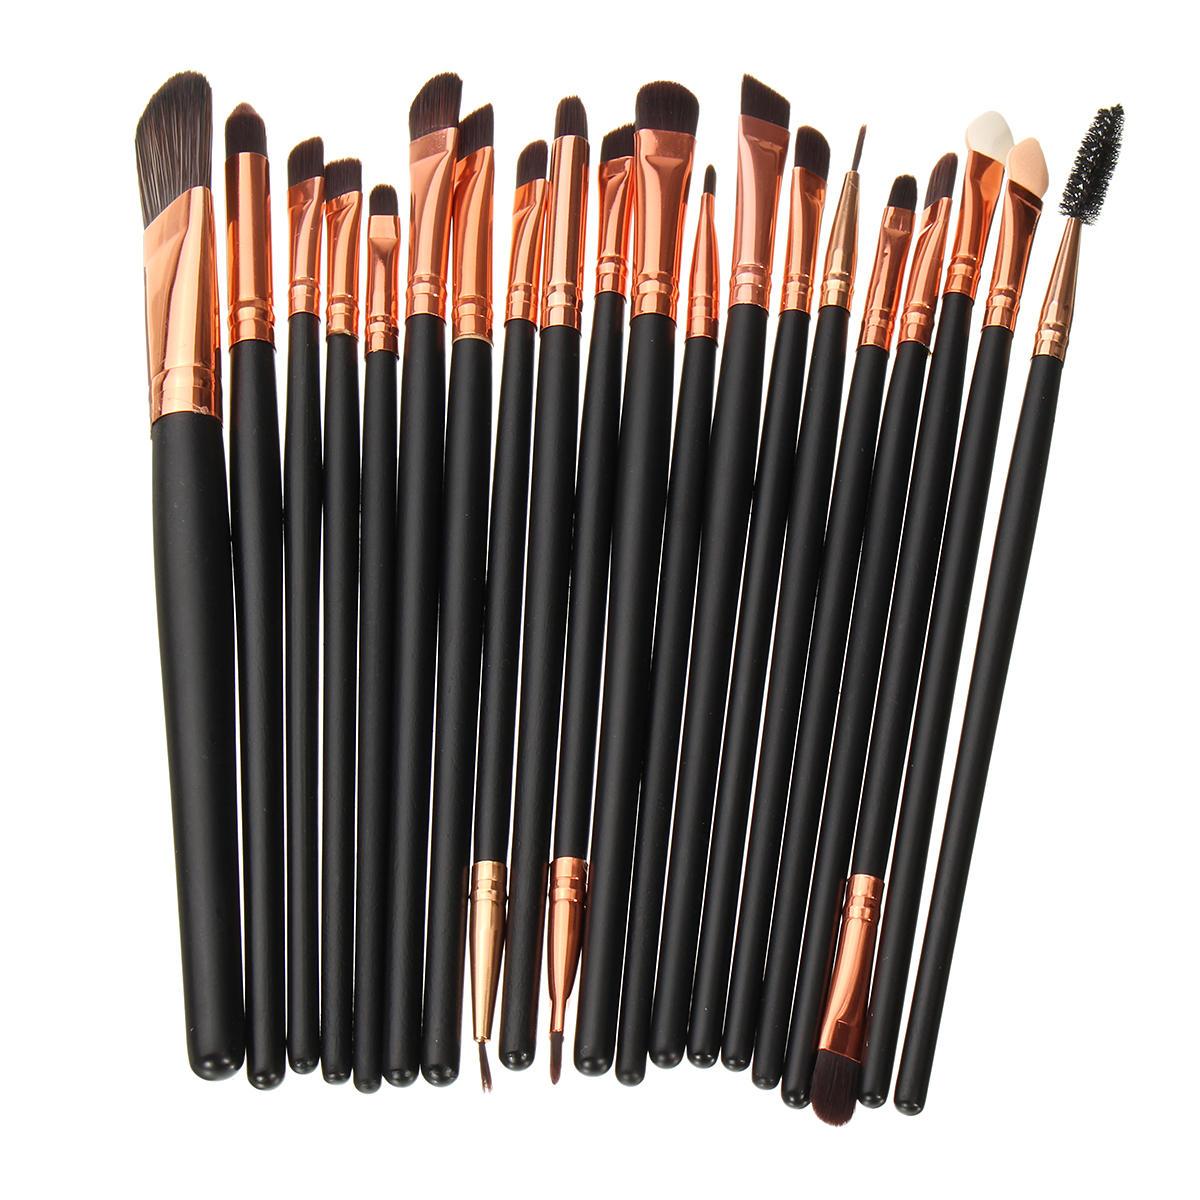 20pcs макияж кисти комплект порошка тени для век карандаш для глаз губ косметическая кисть